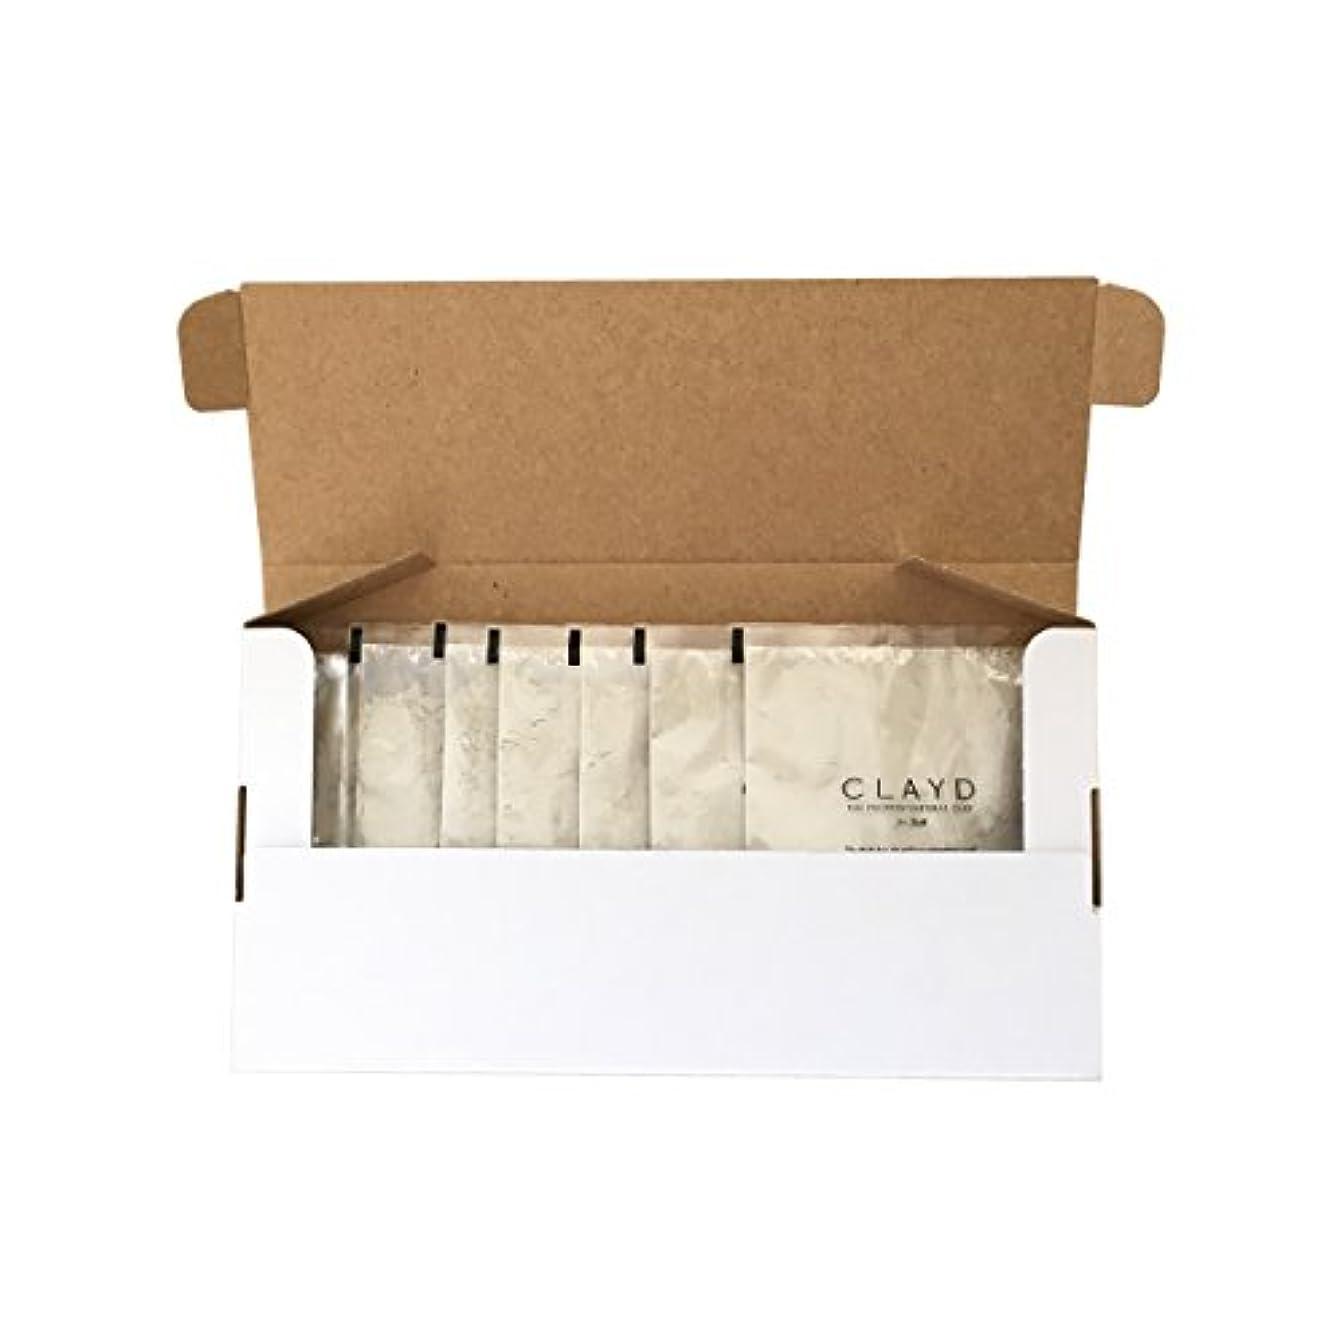 来てびっくりしたしたいCLAYD for Bath(クレイドフォーバス)ONE WEEK TRIAL(30g×7袋)